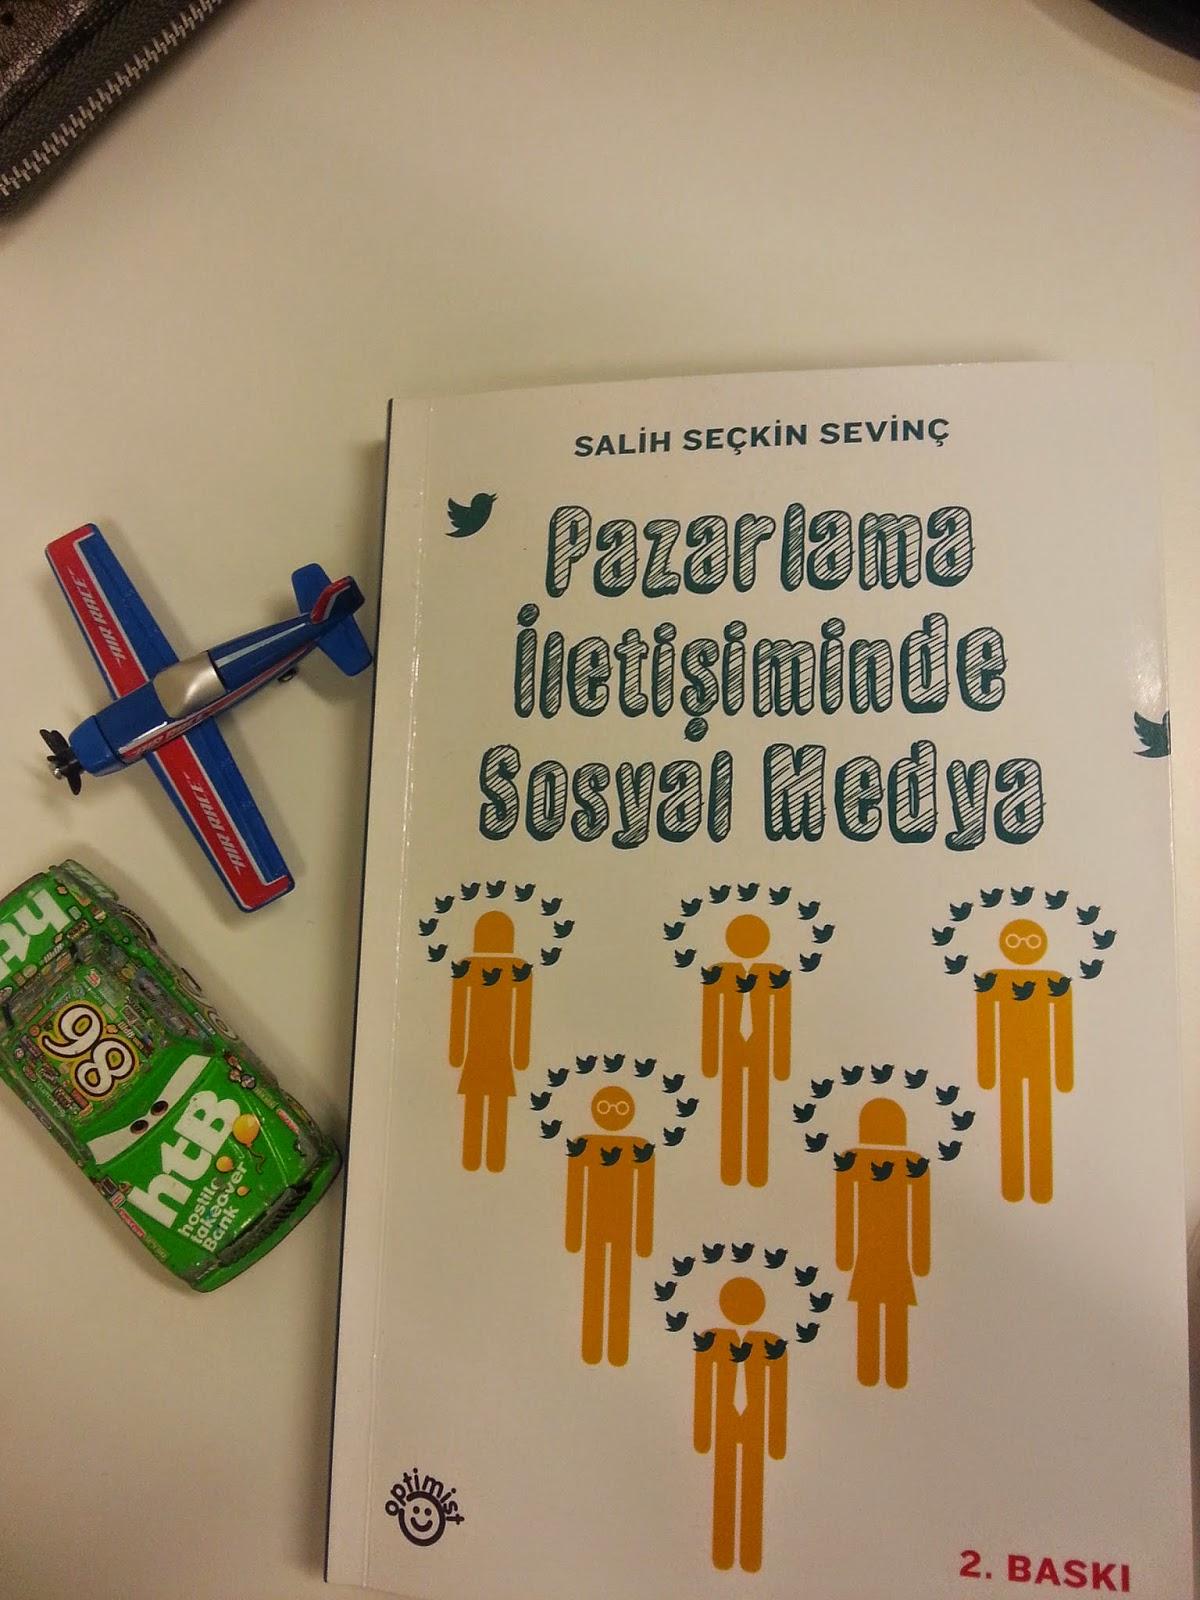 Pazarlama İletişiminde Sosyal Medya, Salih Seçkin Sevinç